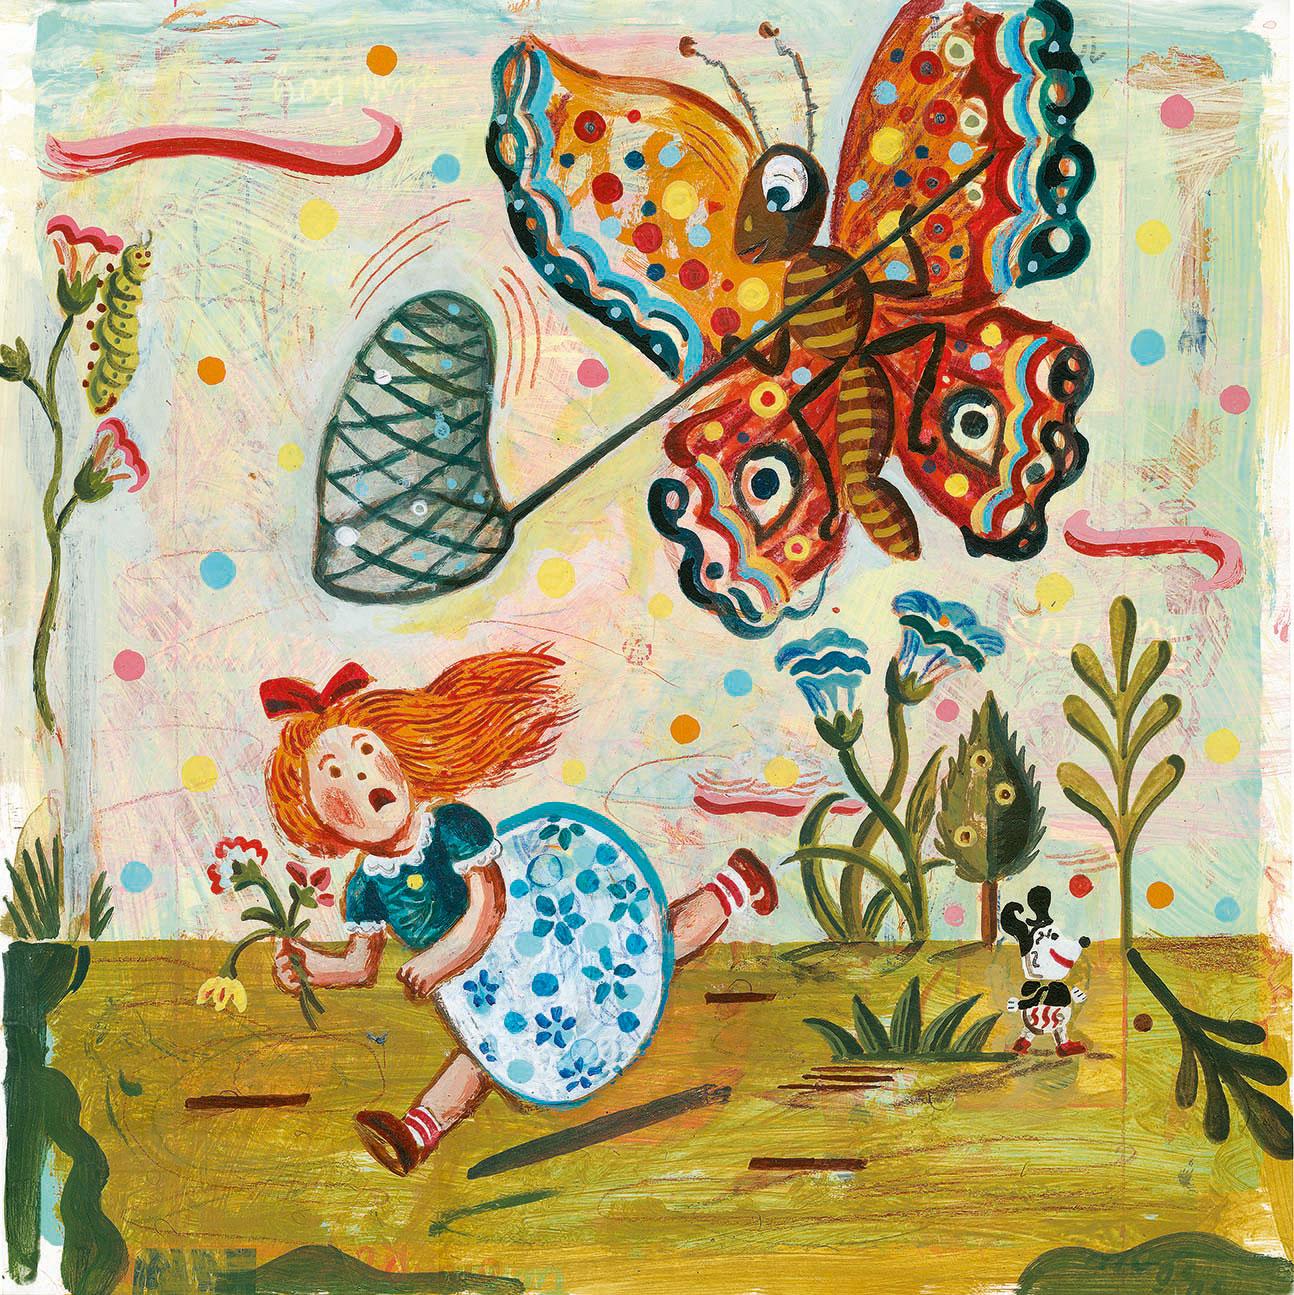 Atak S027 Schmetterling 4C